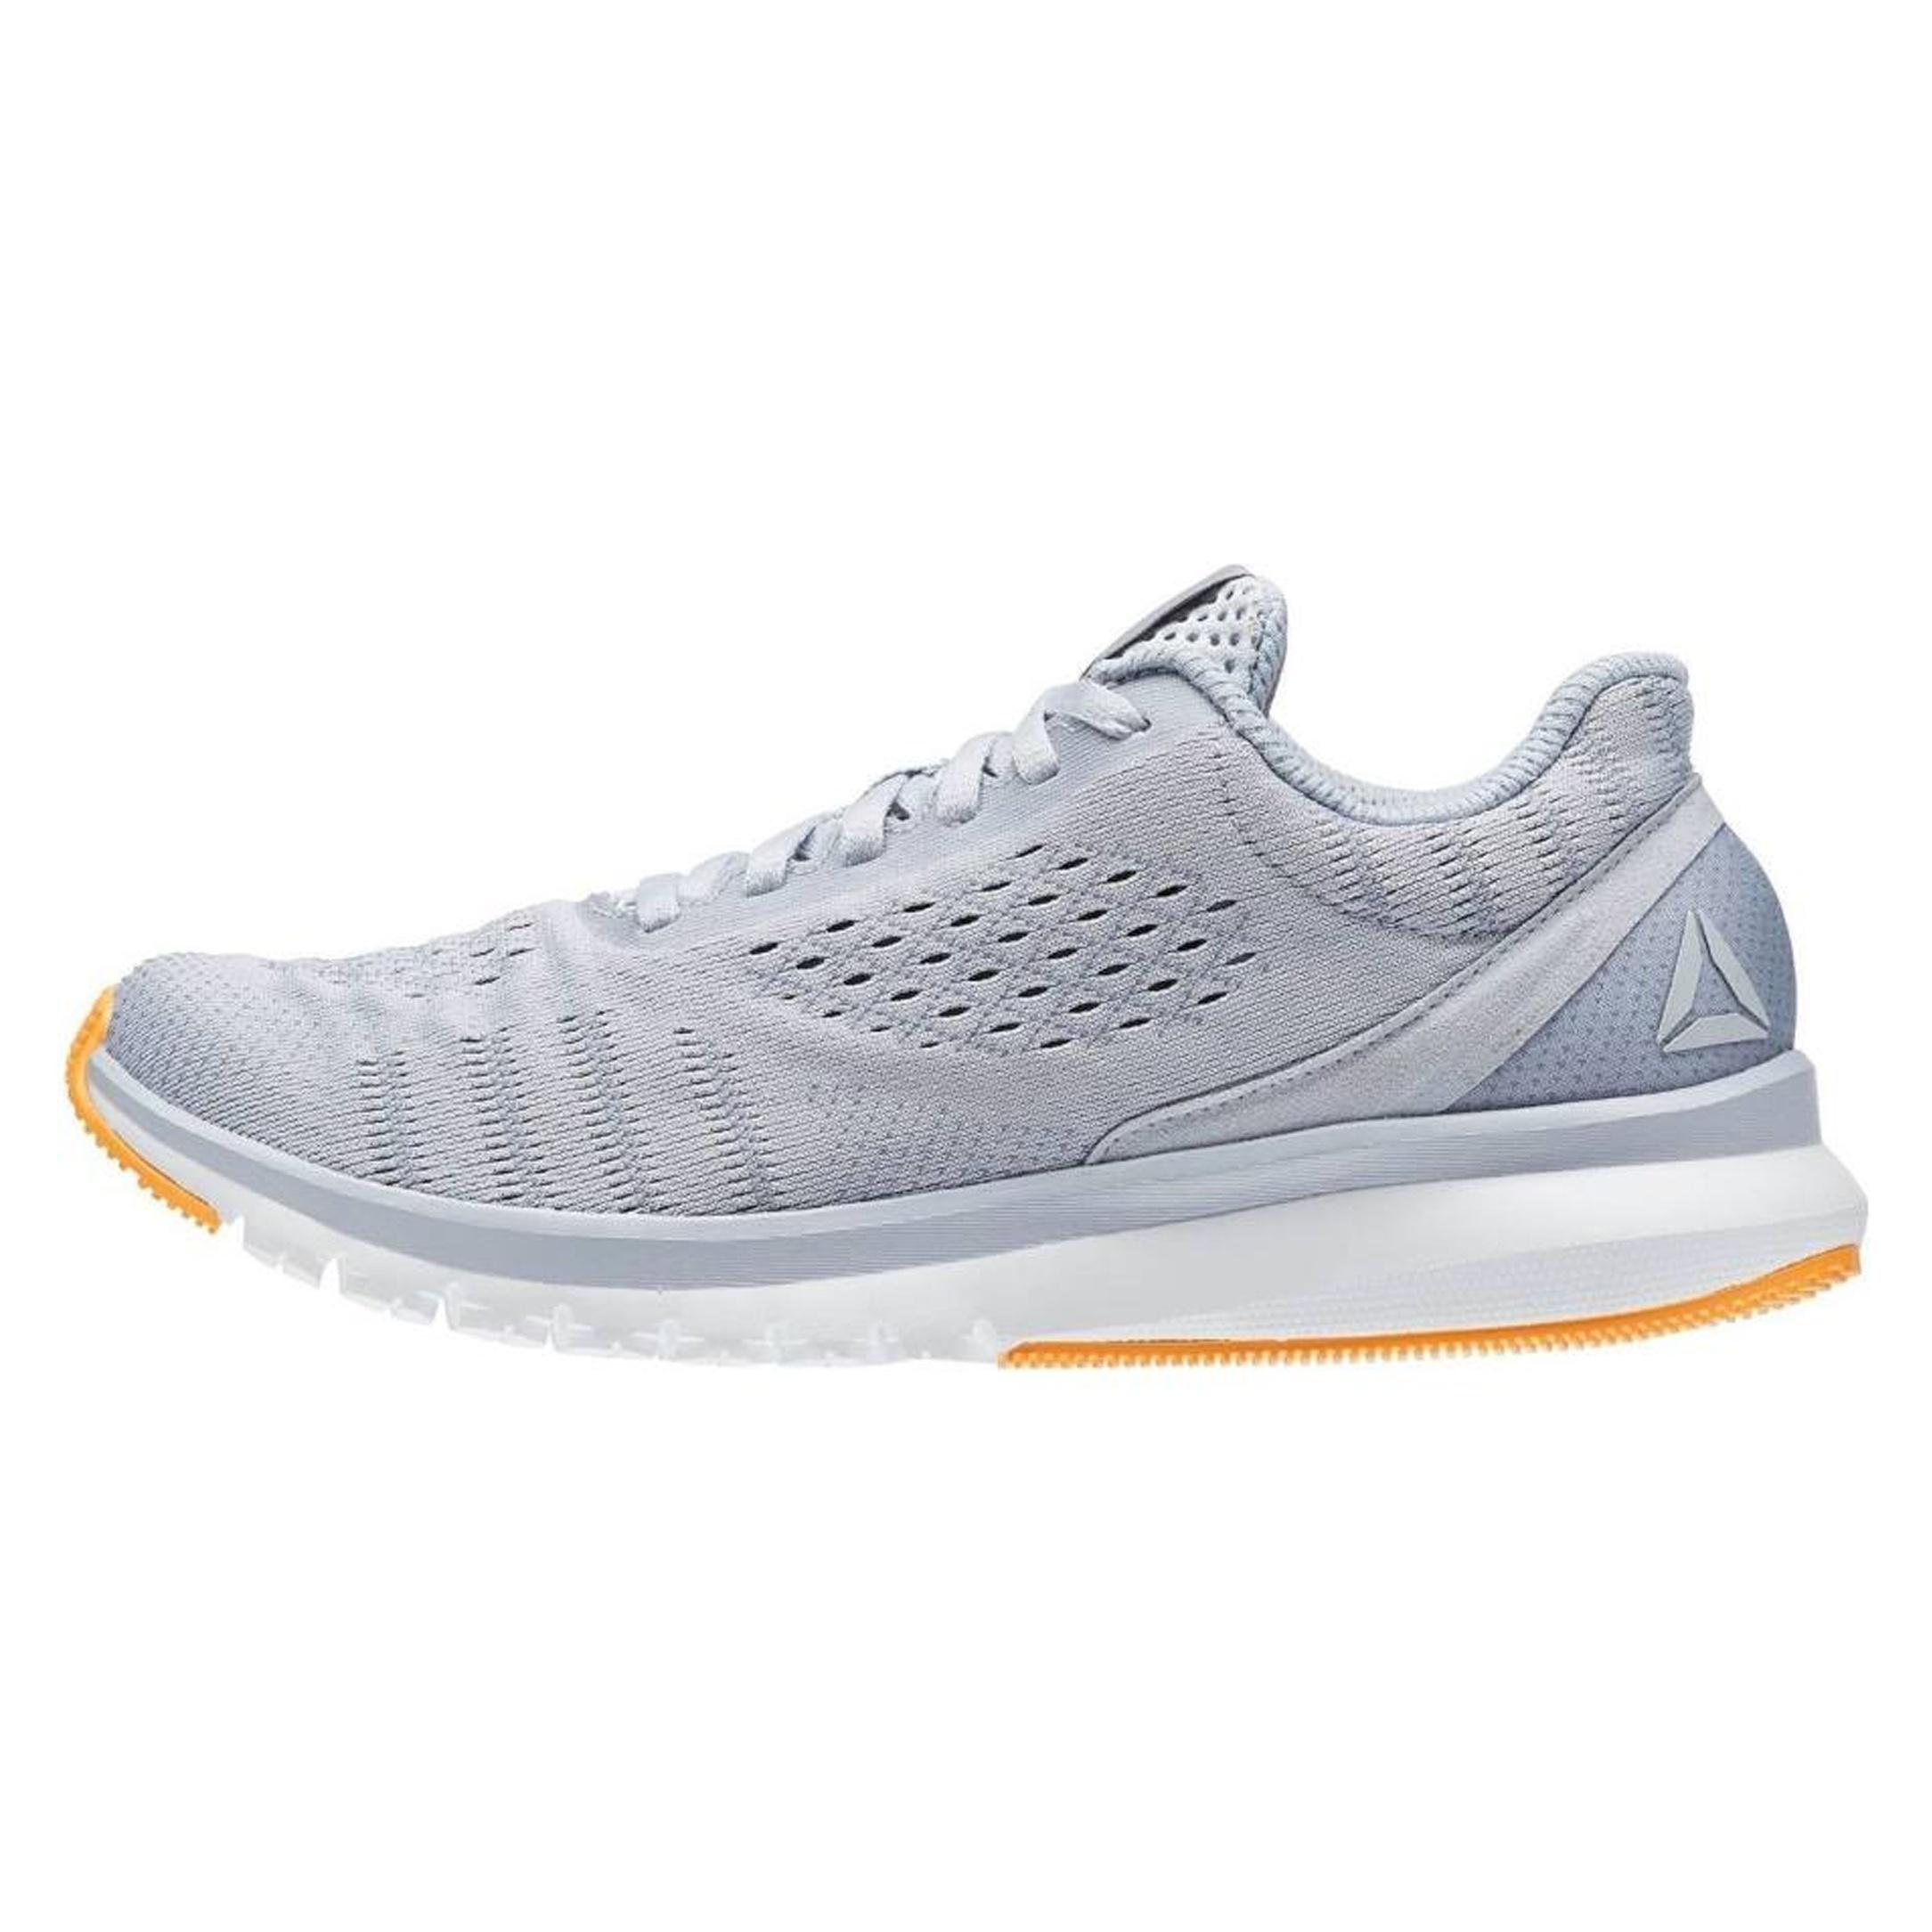 کفش مخصوص دویدن زنانه ریباک مدل Print Smoot ULTK